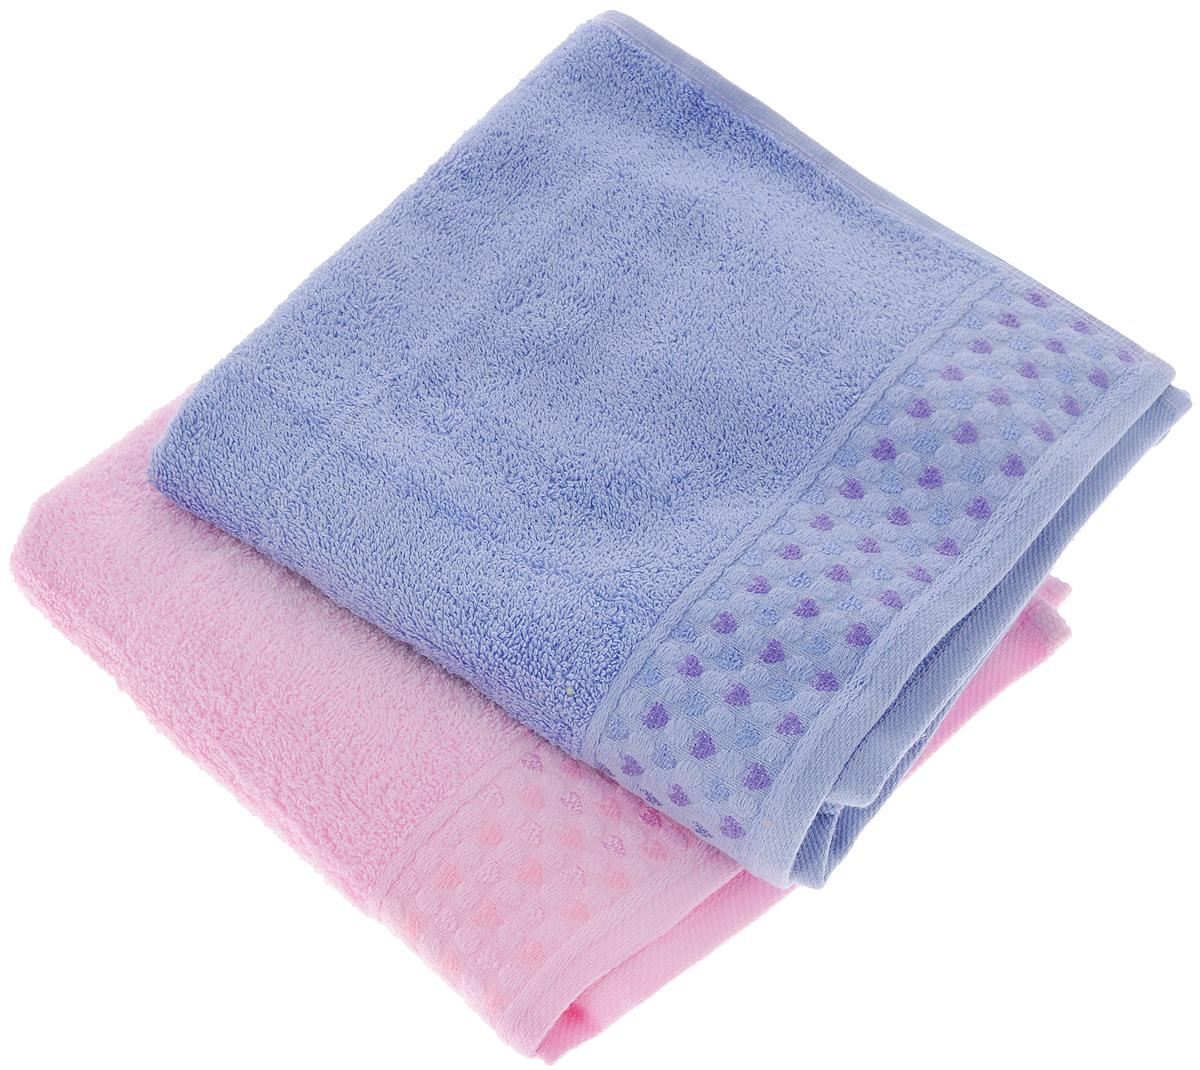 Набор полотенец Tete-a-Tete Сердечки, цвет: розовый, сирень, 50 х 90 см, 2 шт68/5/3Набор Tete-a-Tete Сердечки состоит из двух махровых полотенец, выполненных из натурального 100% хлопка. Бордюр полотенец декорирован рисунком сердечек. Изделия мягкие, отлично впитывают влагу, быстро сохнут, сохраняют яркость цвета и не теряют форму даже после многократных стирок. Полотенца Tete-a-Tete Сердечки очень практичны и неприхотливы в уходе. Они легко впишутся в любой интерьер благодаря своей нежной цветовой гамме. Набор упакован в красивую коробку и может послужить отличной идеей для подарка.Размер полотенец: 50 х 90 см.